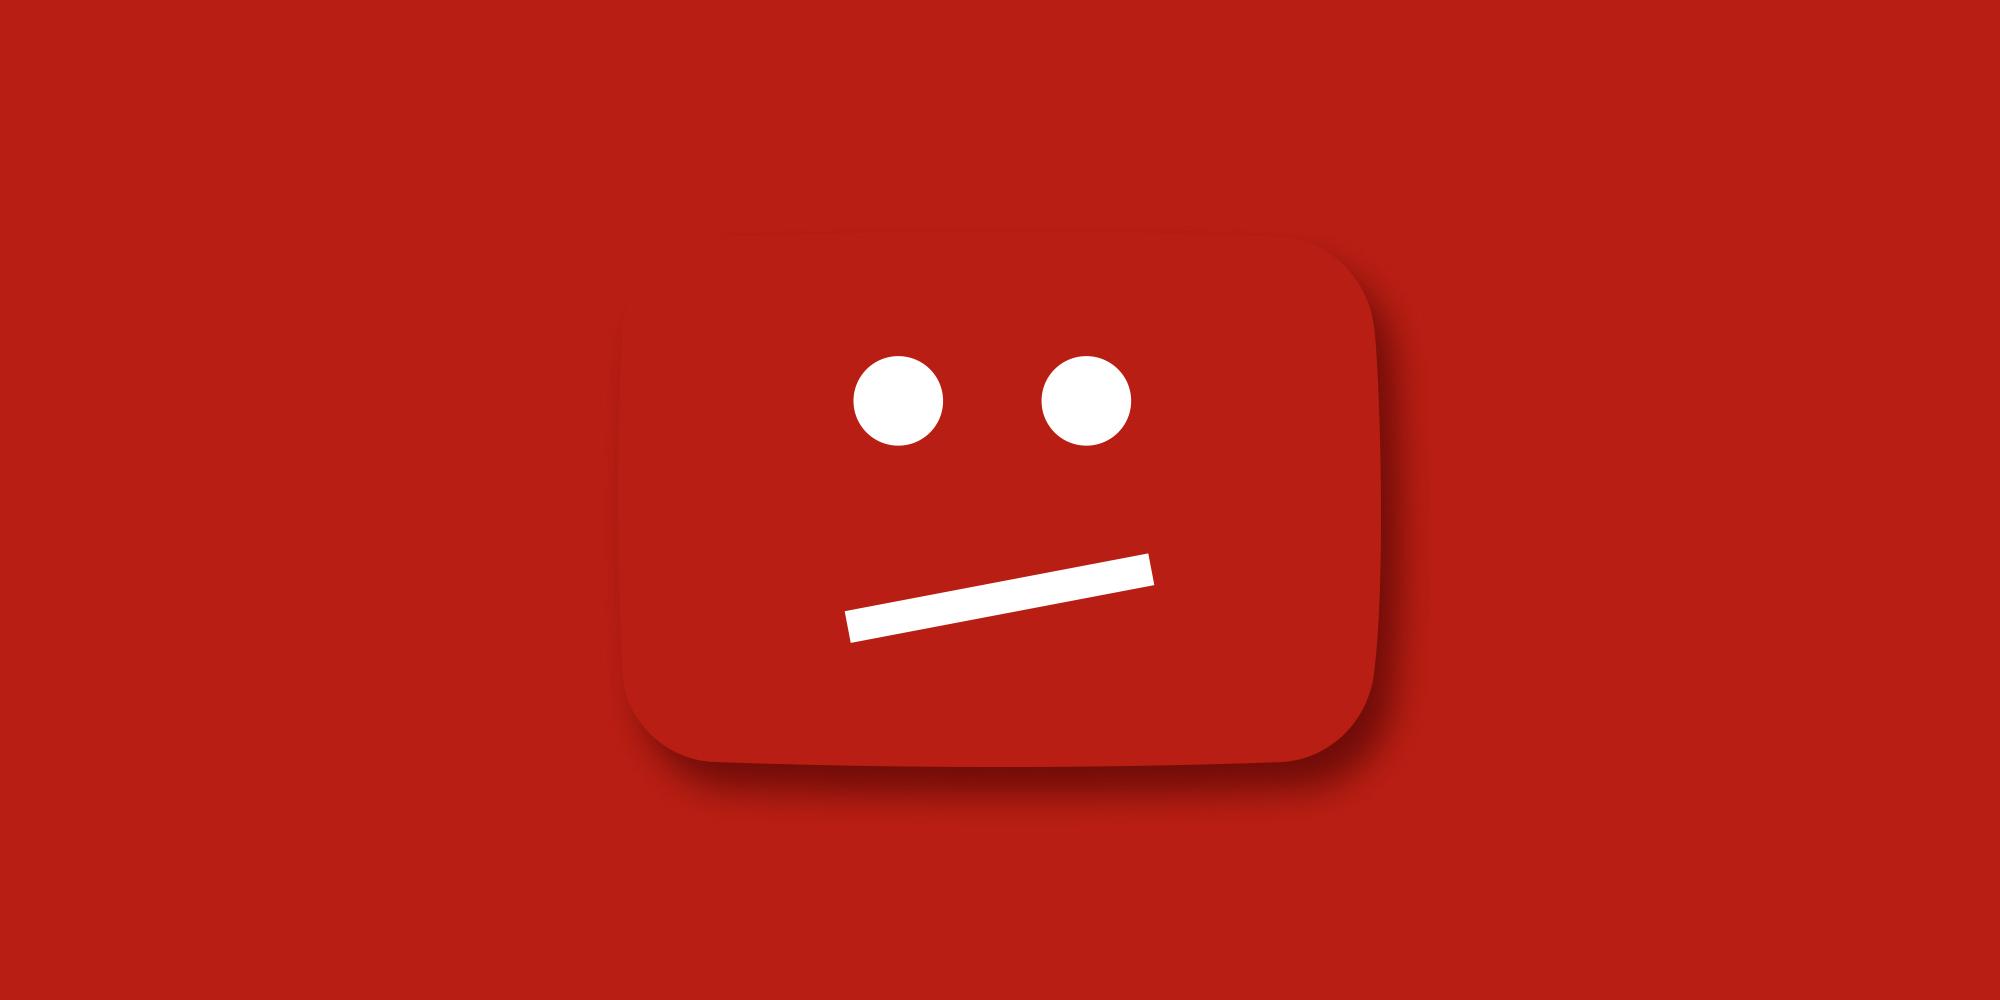 حل مشكلة اليوتيوب لا يعمل على الأندرويد أو الآيفون